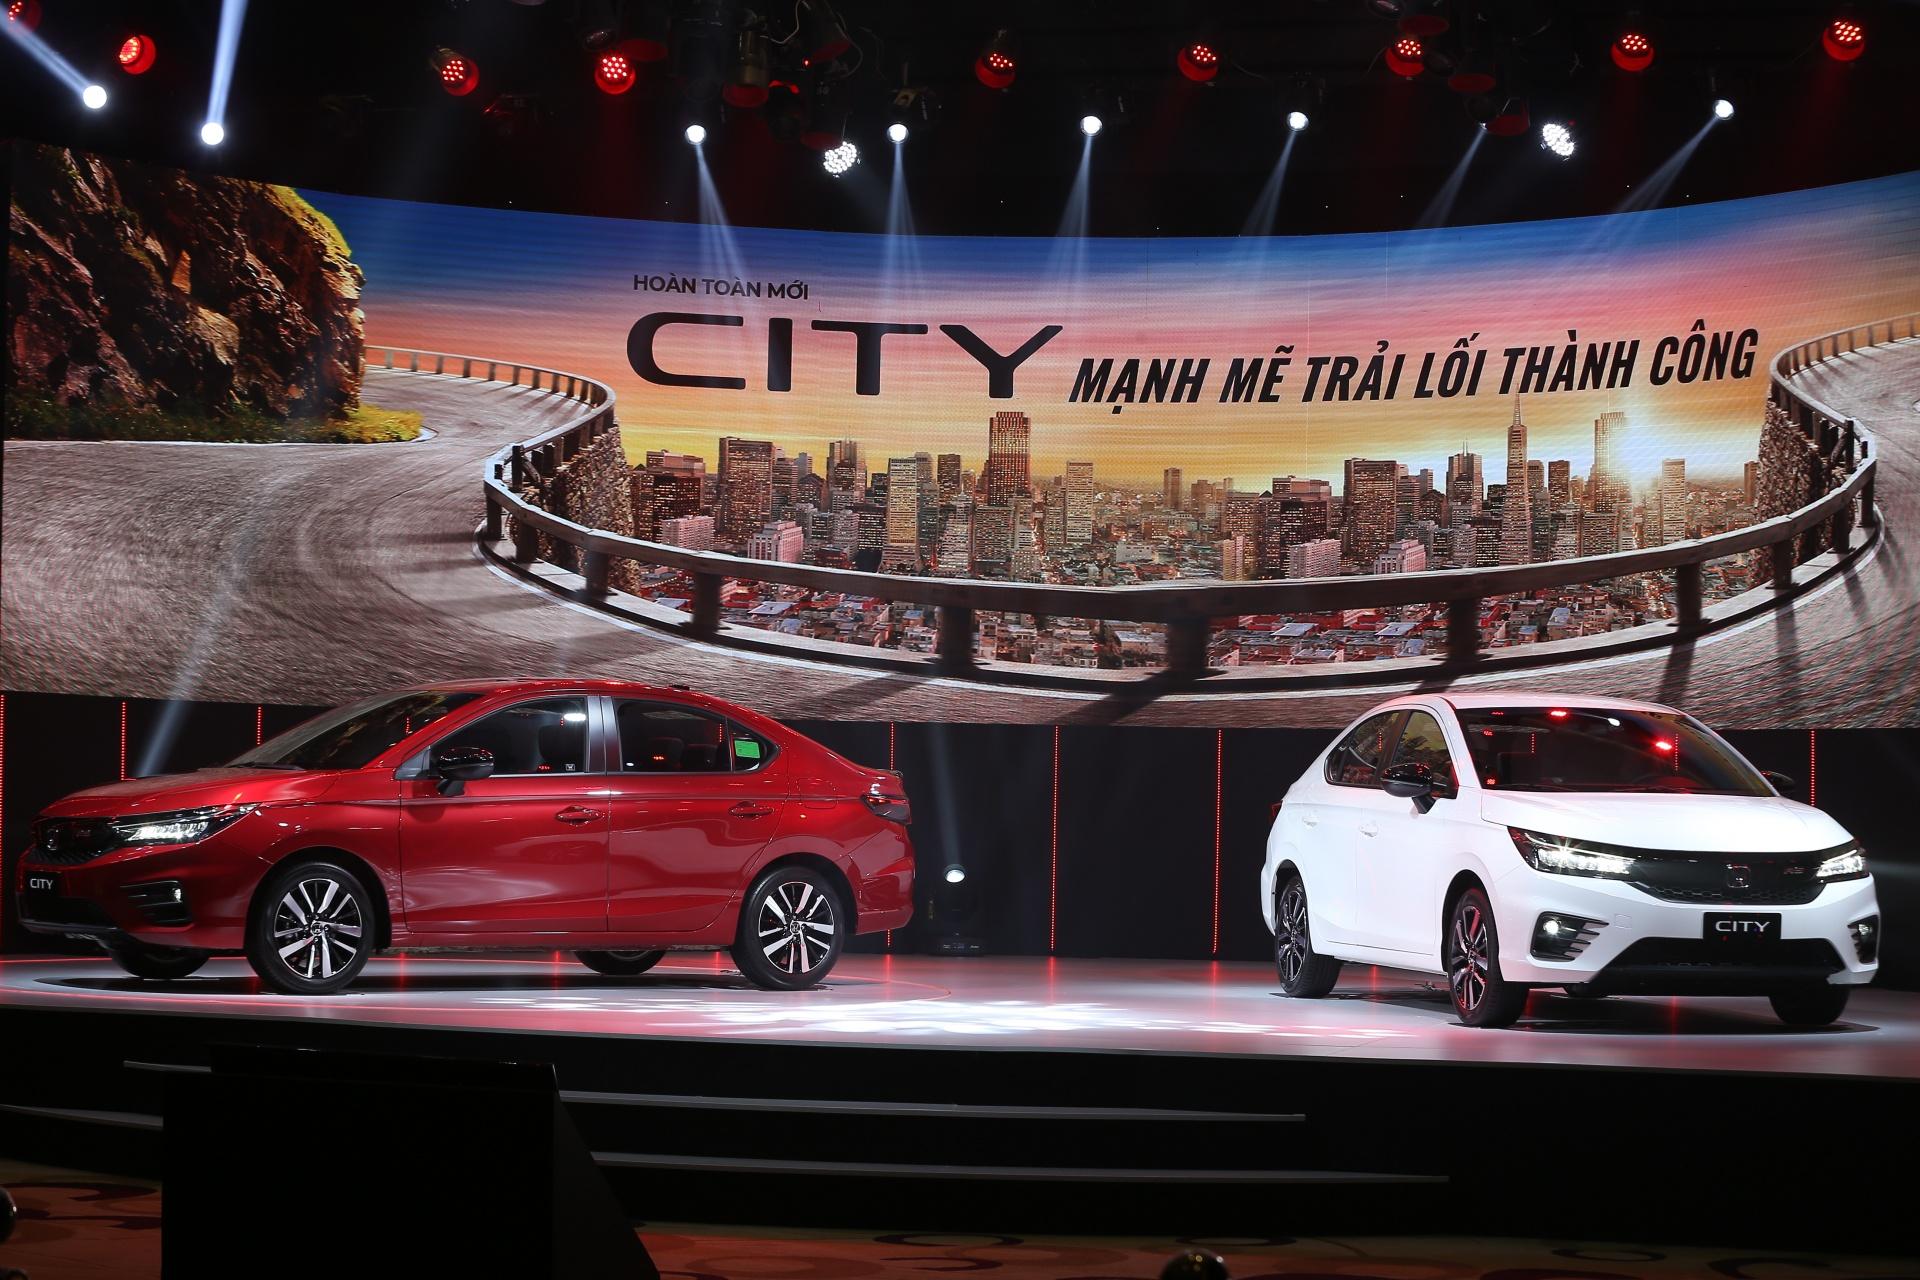 Những sự kiện nổi bật của thị trường ô tô Việt Nam trong năm 2020 -3